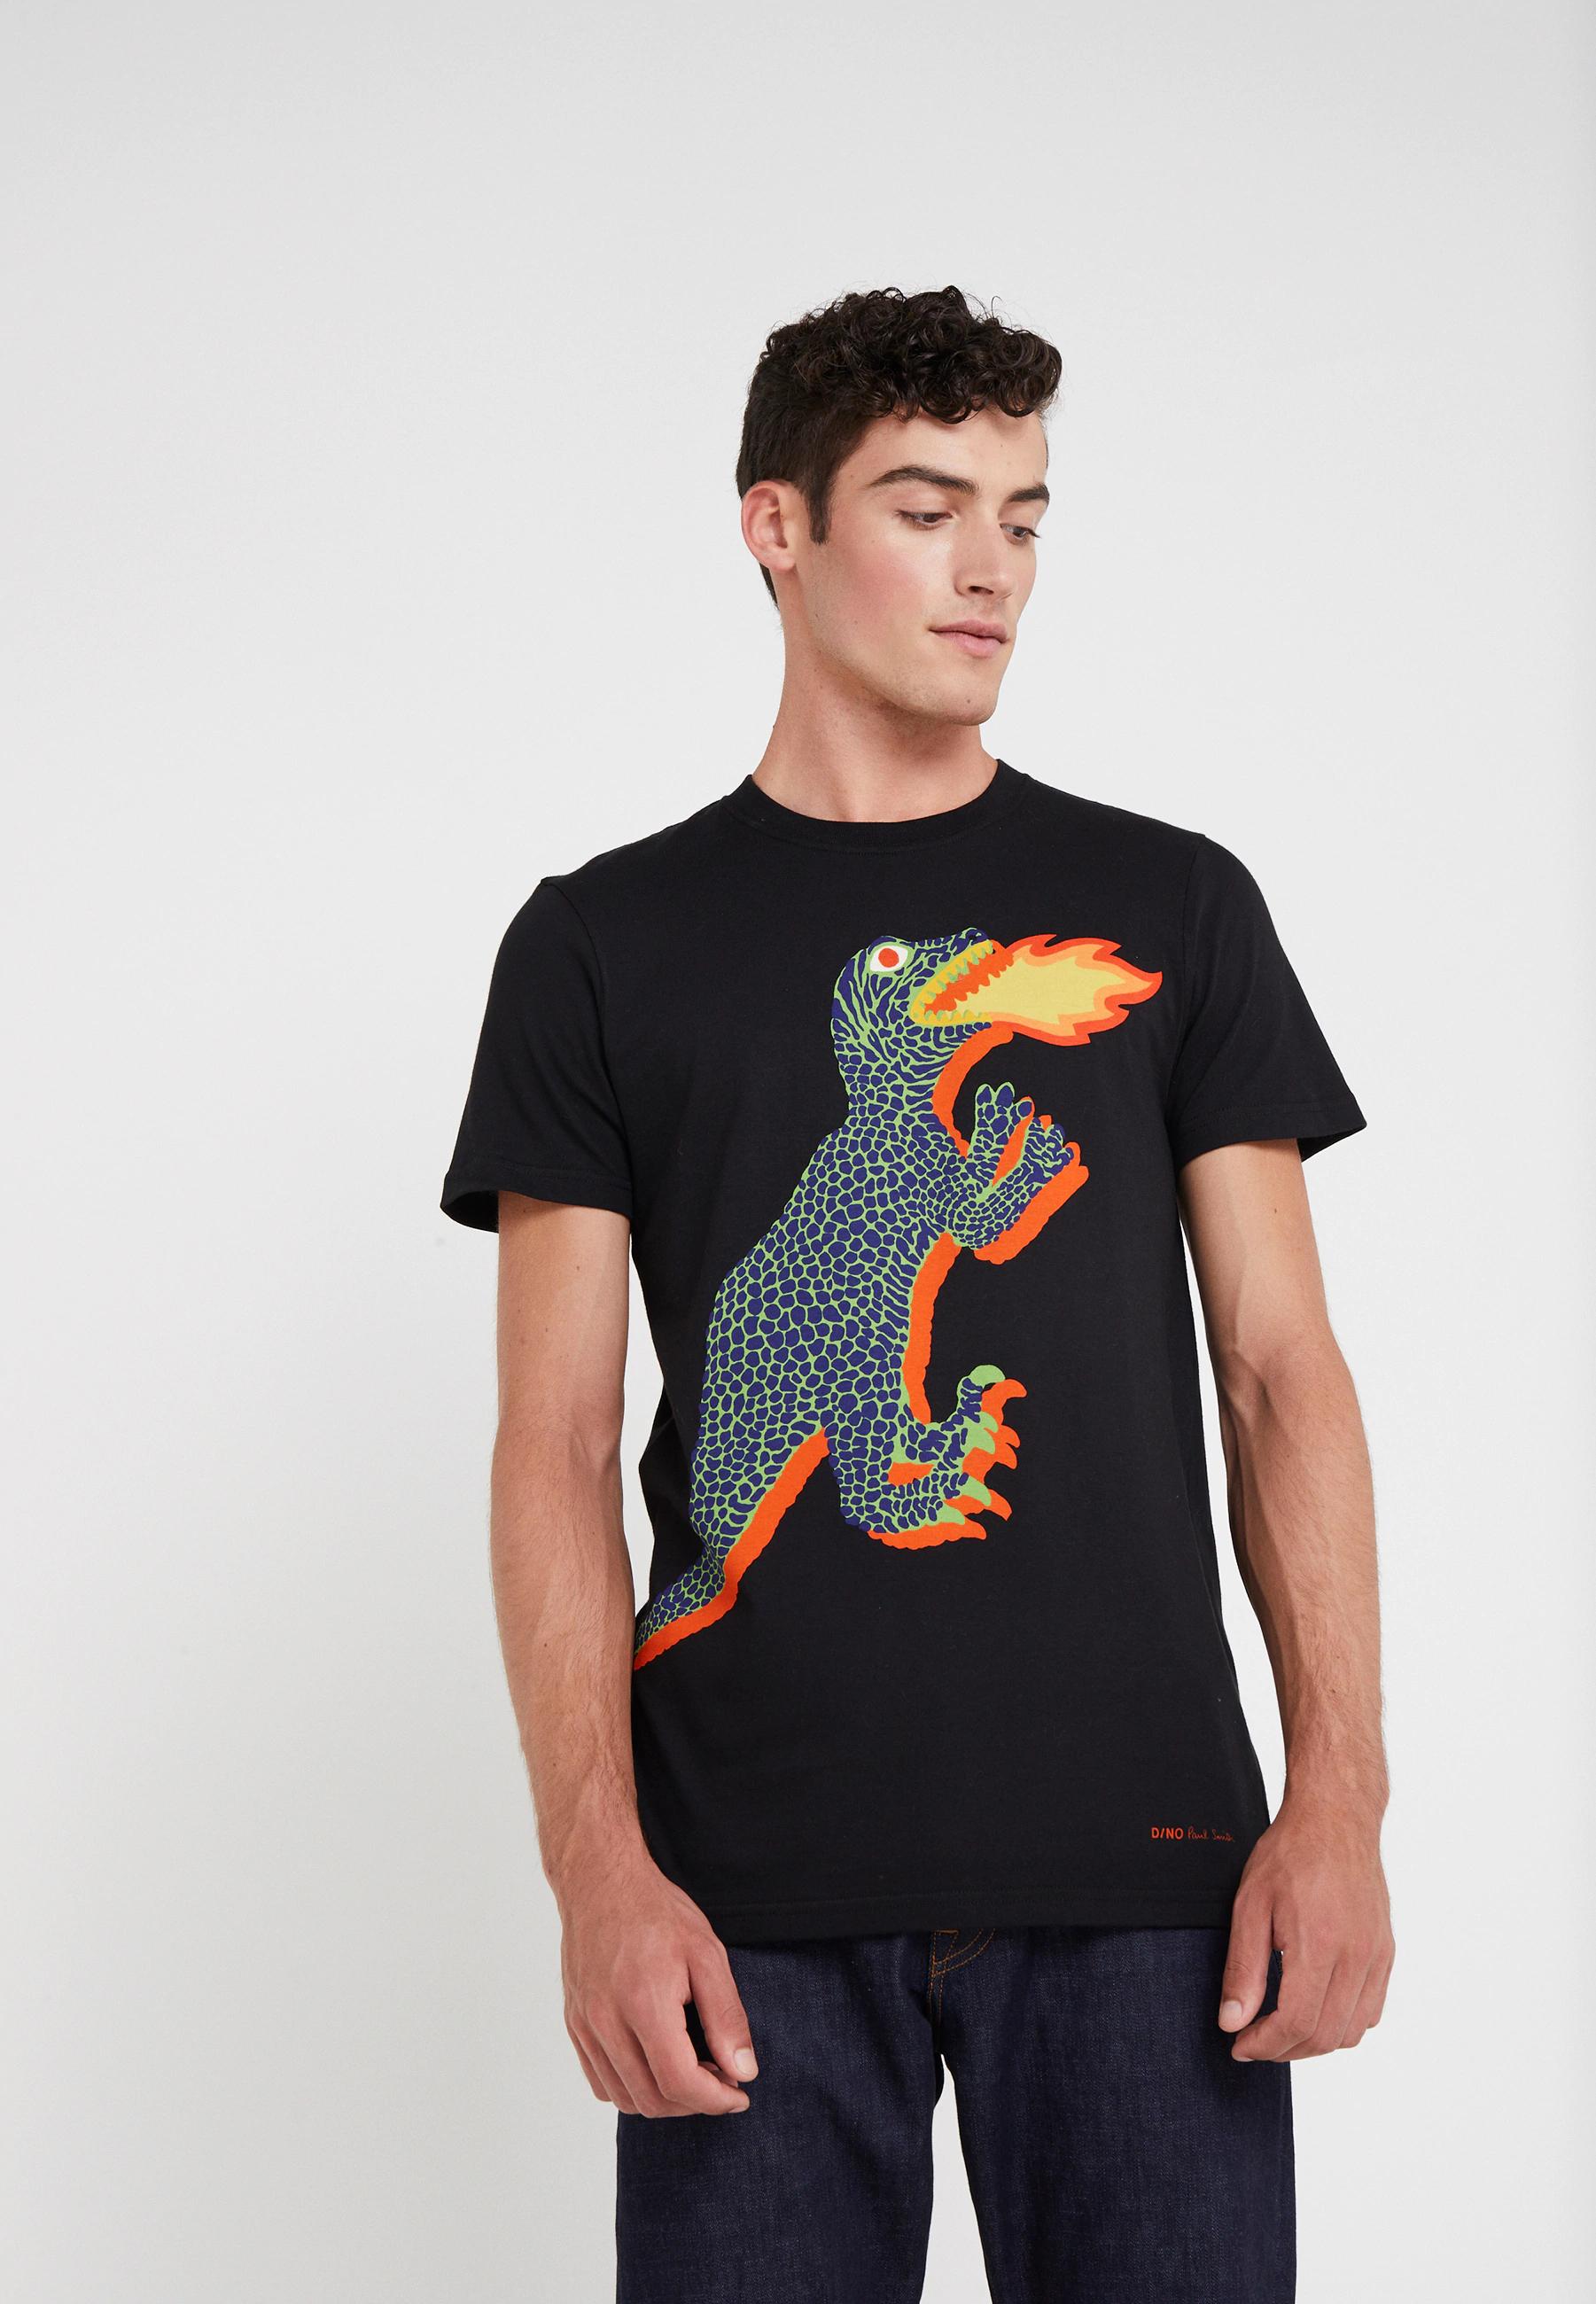 Paul Smith Dino T Shirt £26 Zalando